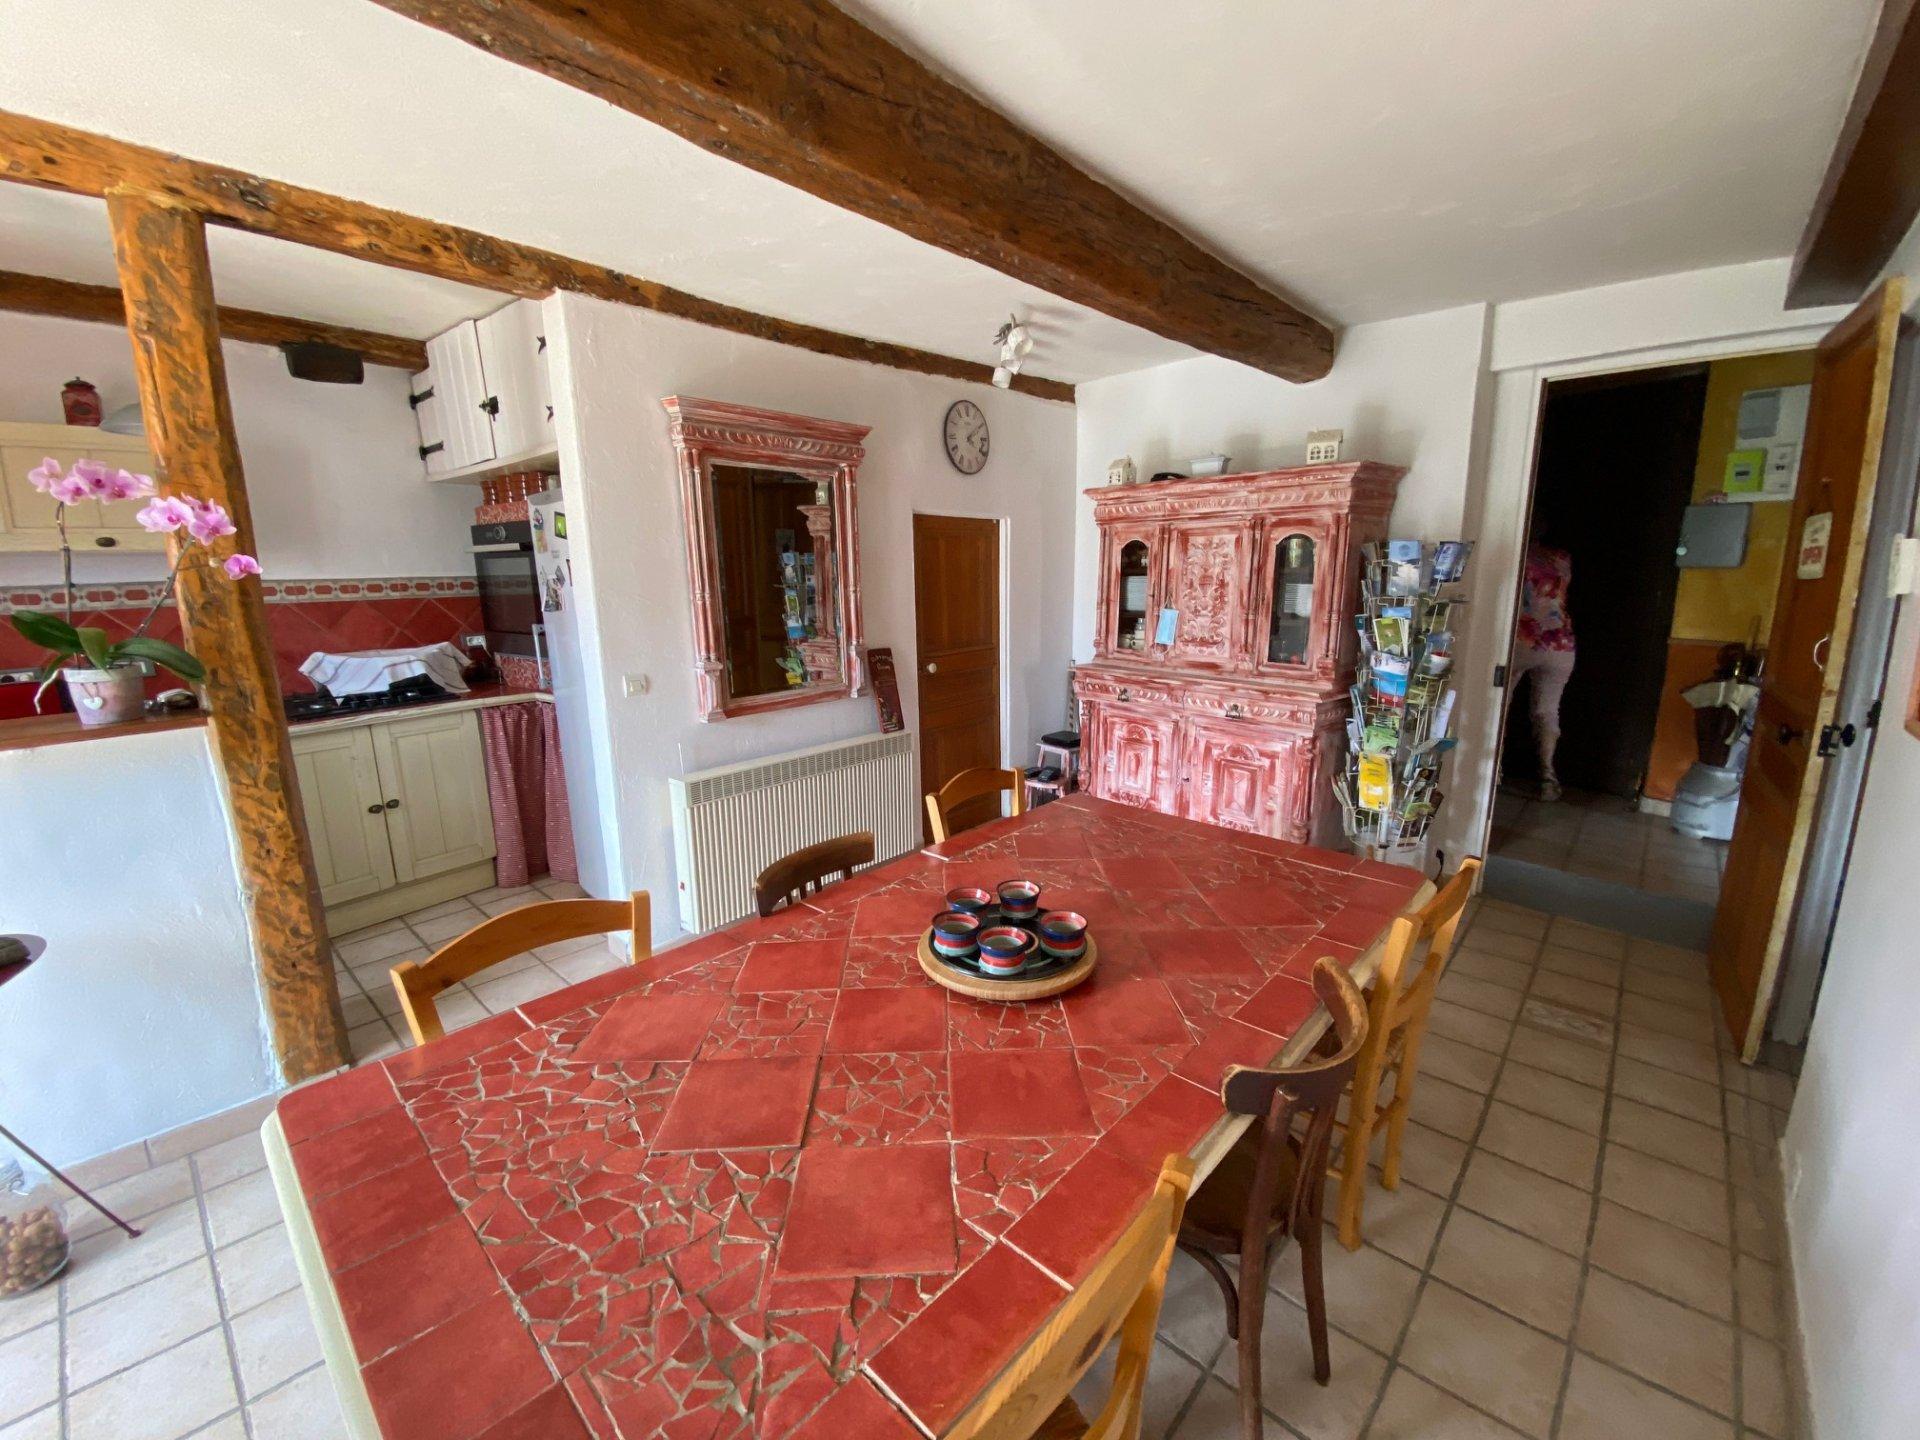 ROUBION 06 - MAISON DE FAMILLE - 163 m²